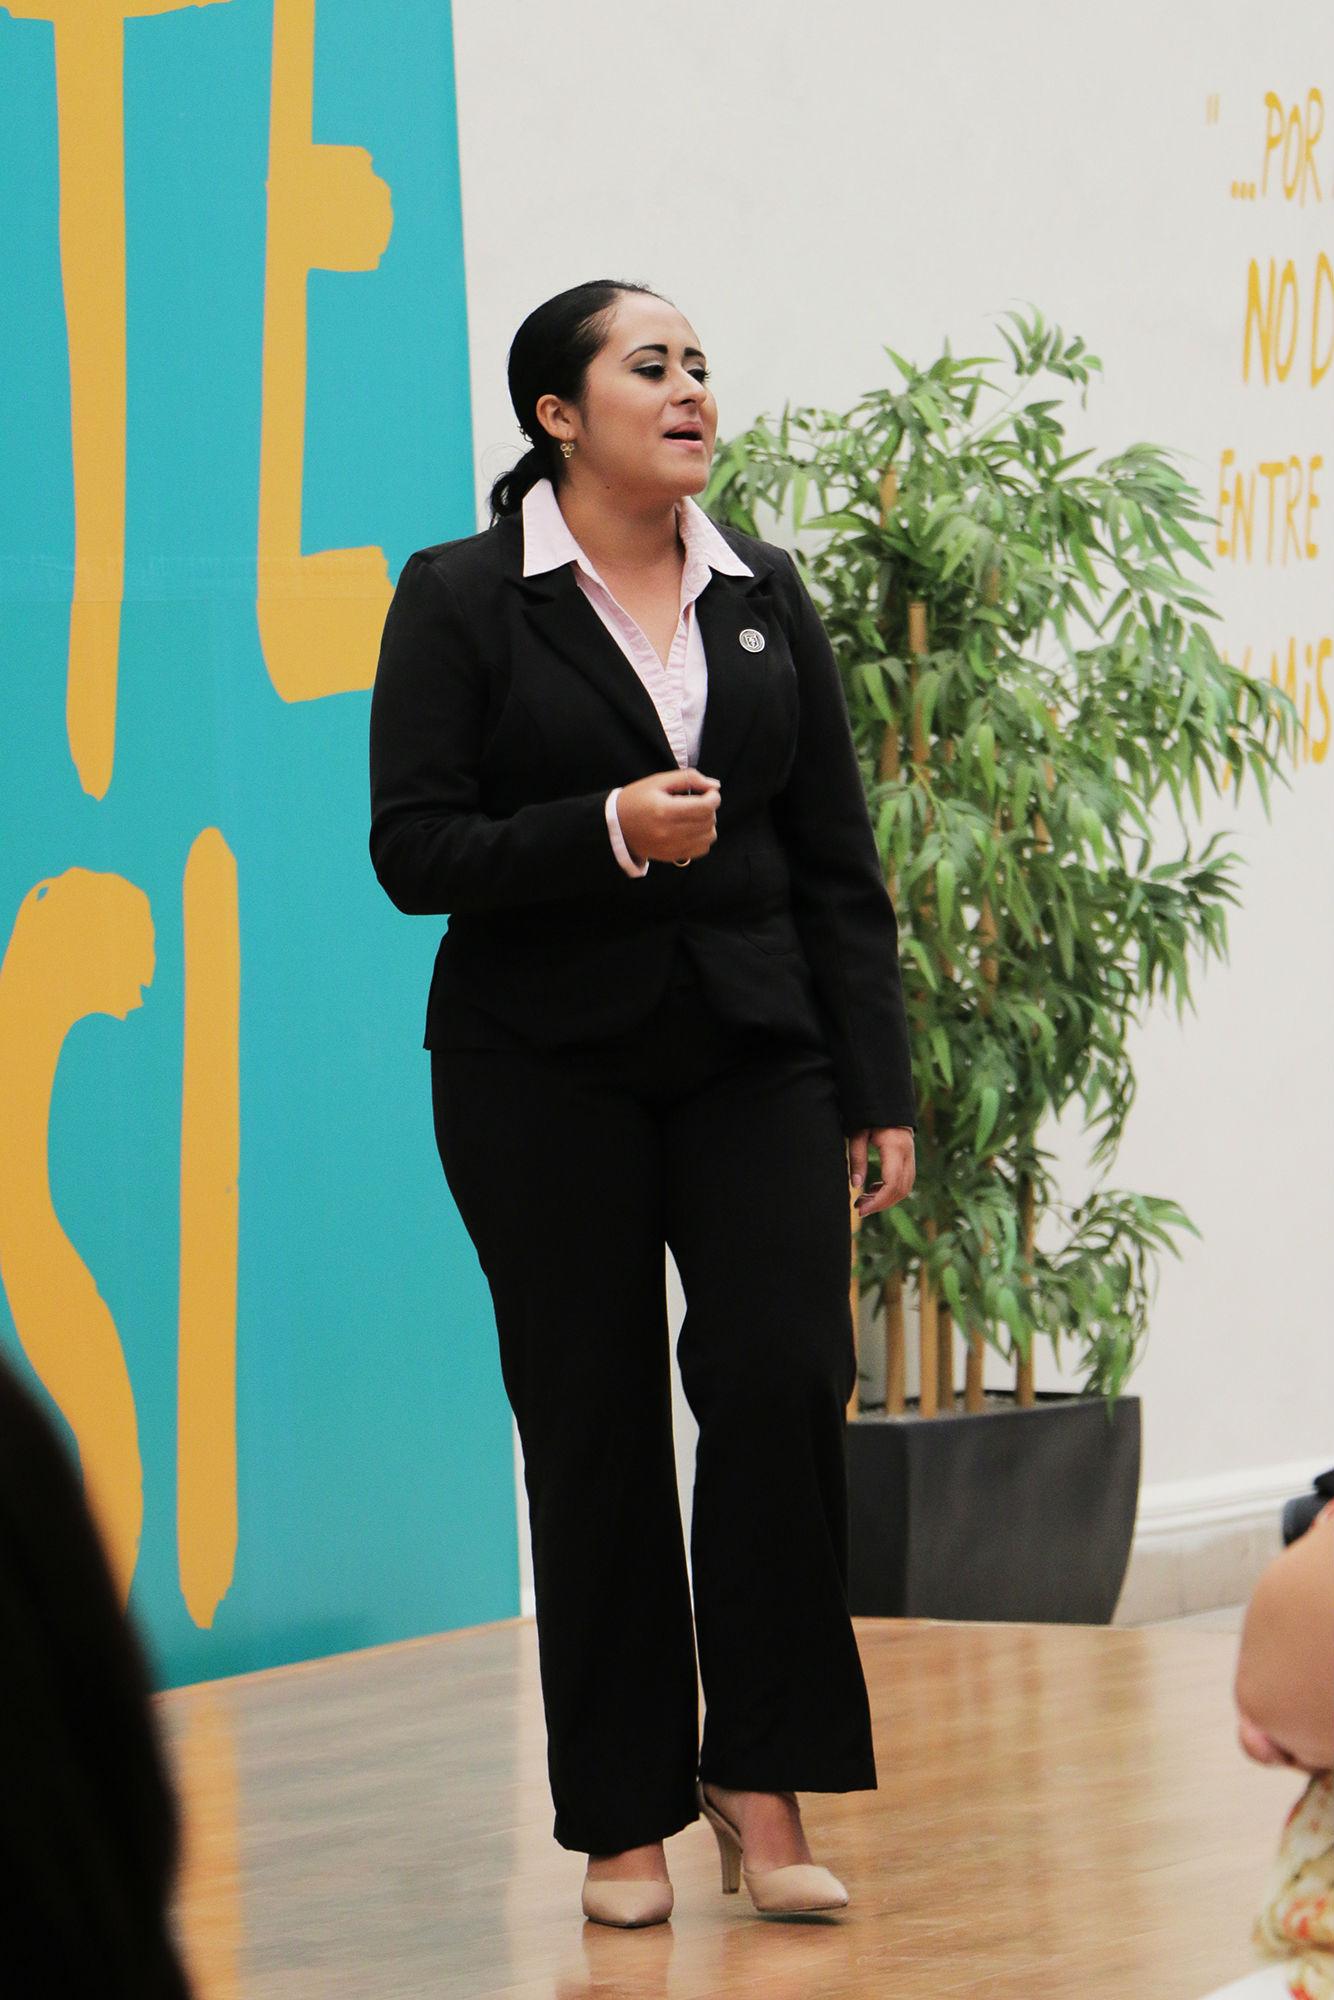 Briana Guadalupe Bosques, primer lugar nivel facultades